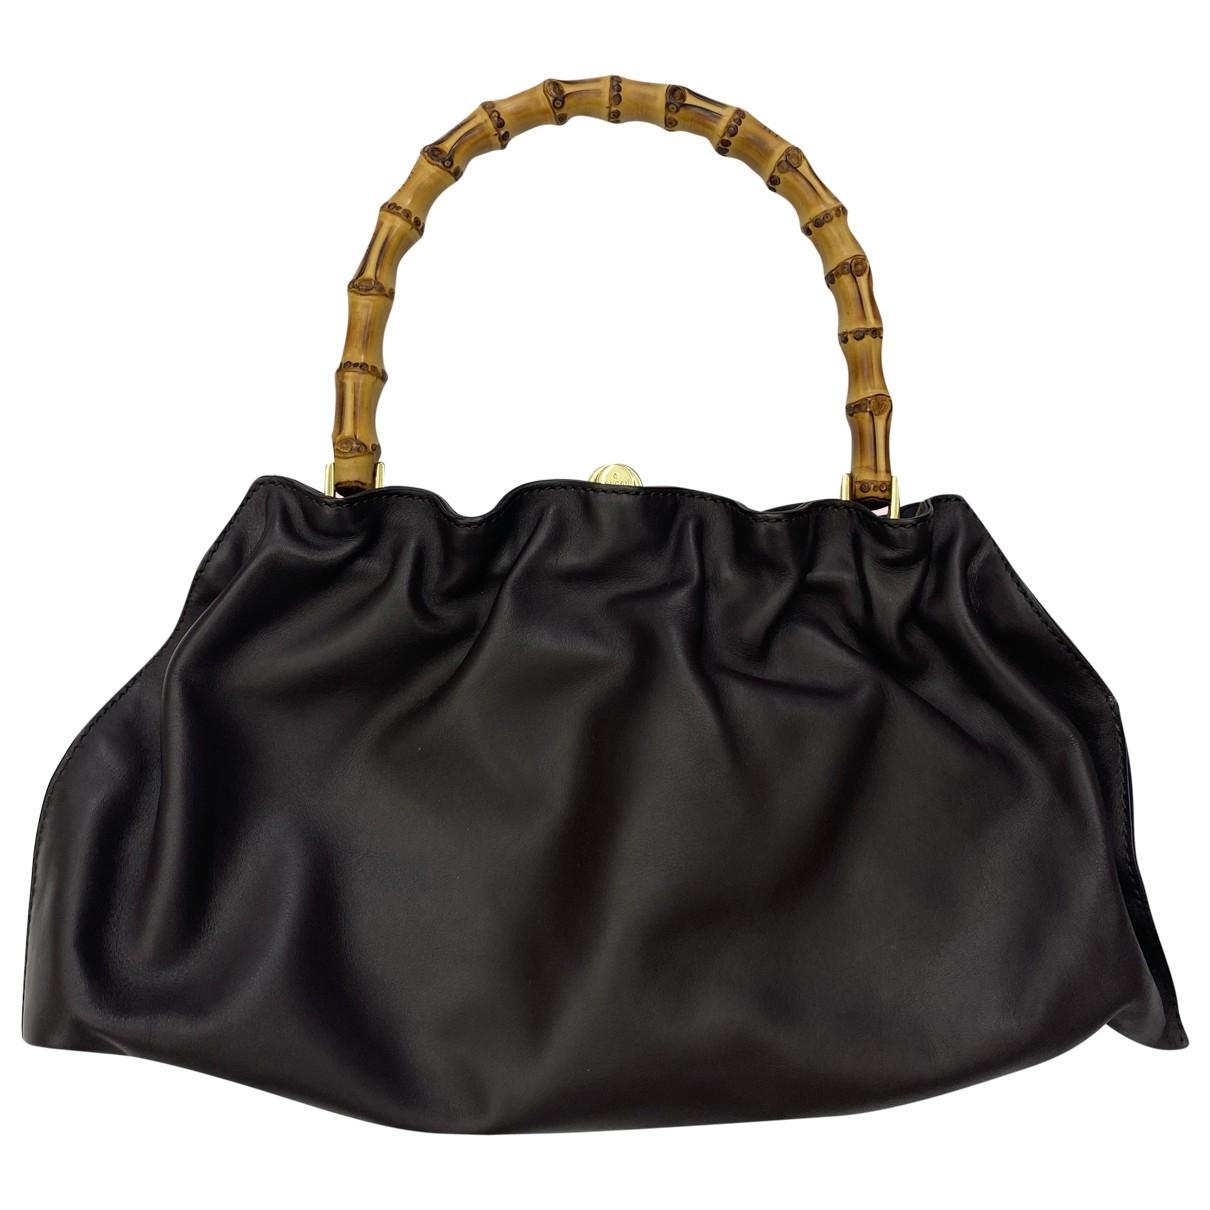 Gucci - Sac a main Bamboo pour femme en cuir - marron